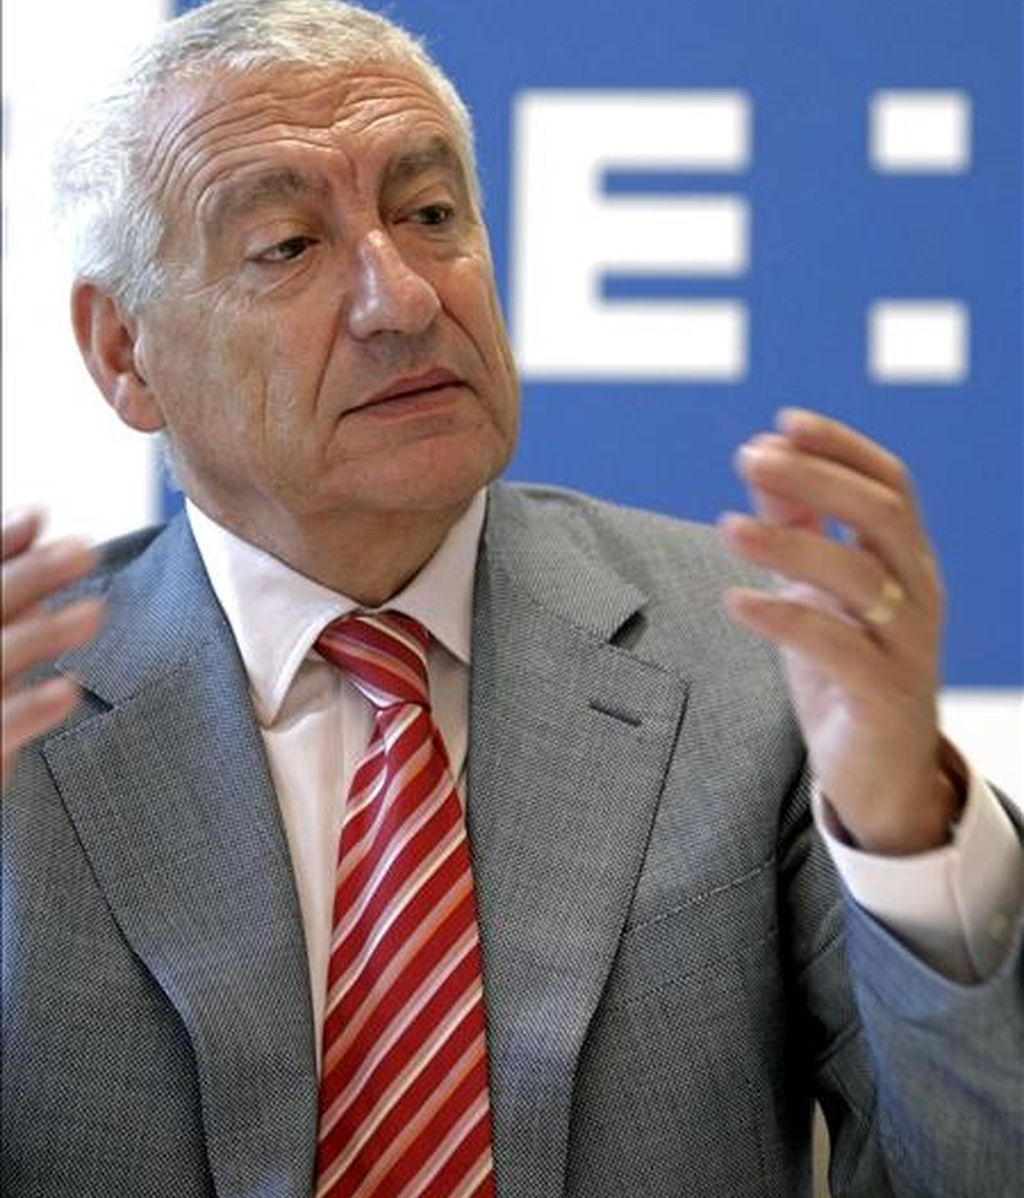 El presidente de la Federación Valenciana de Empresarios de la Construcción (FEVEC), Juan Eloy Durá, señaló, en los Desayunos de la Agencia EFE, al año 2011 como el comienzo de la recuperación en el mercado de la vivienda, aunque advierte de que la evolución de la demanda será lenta. EFE